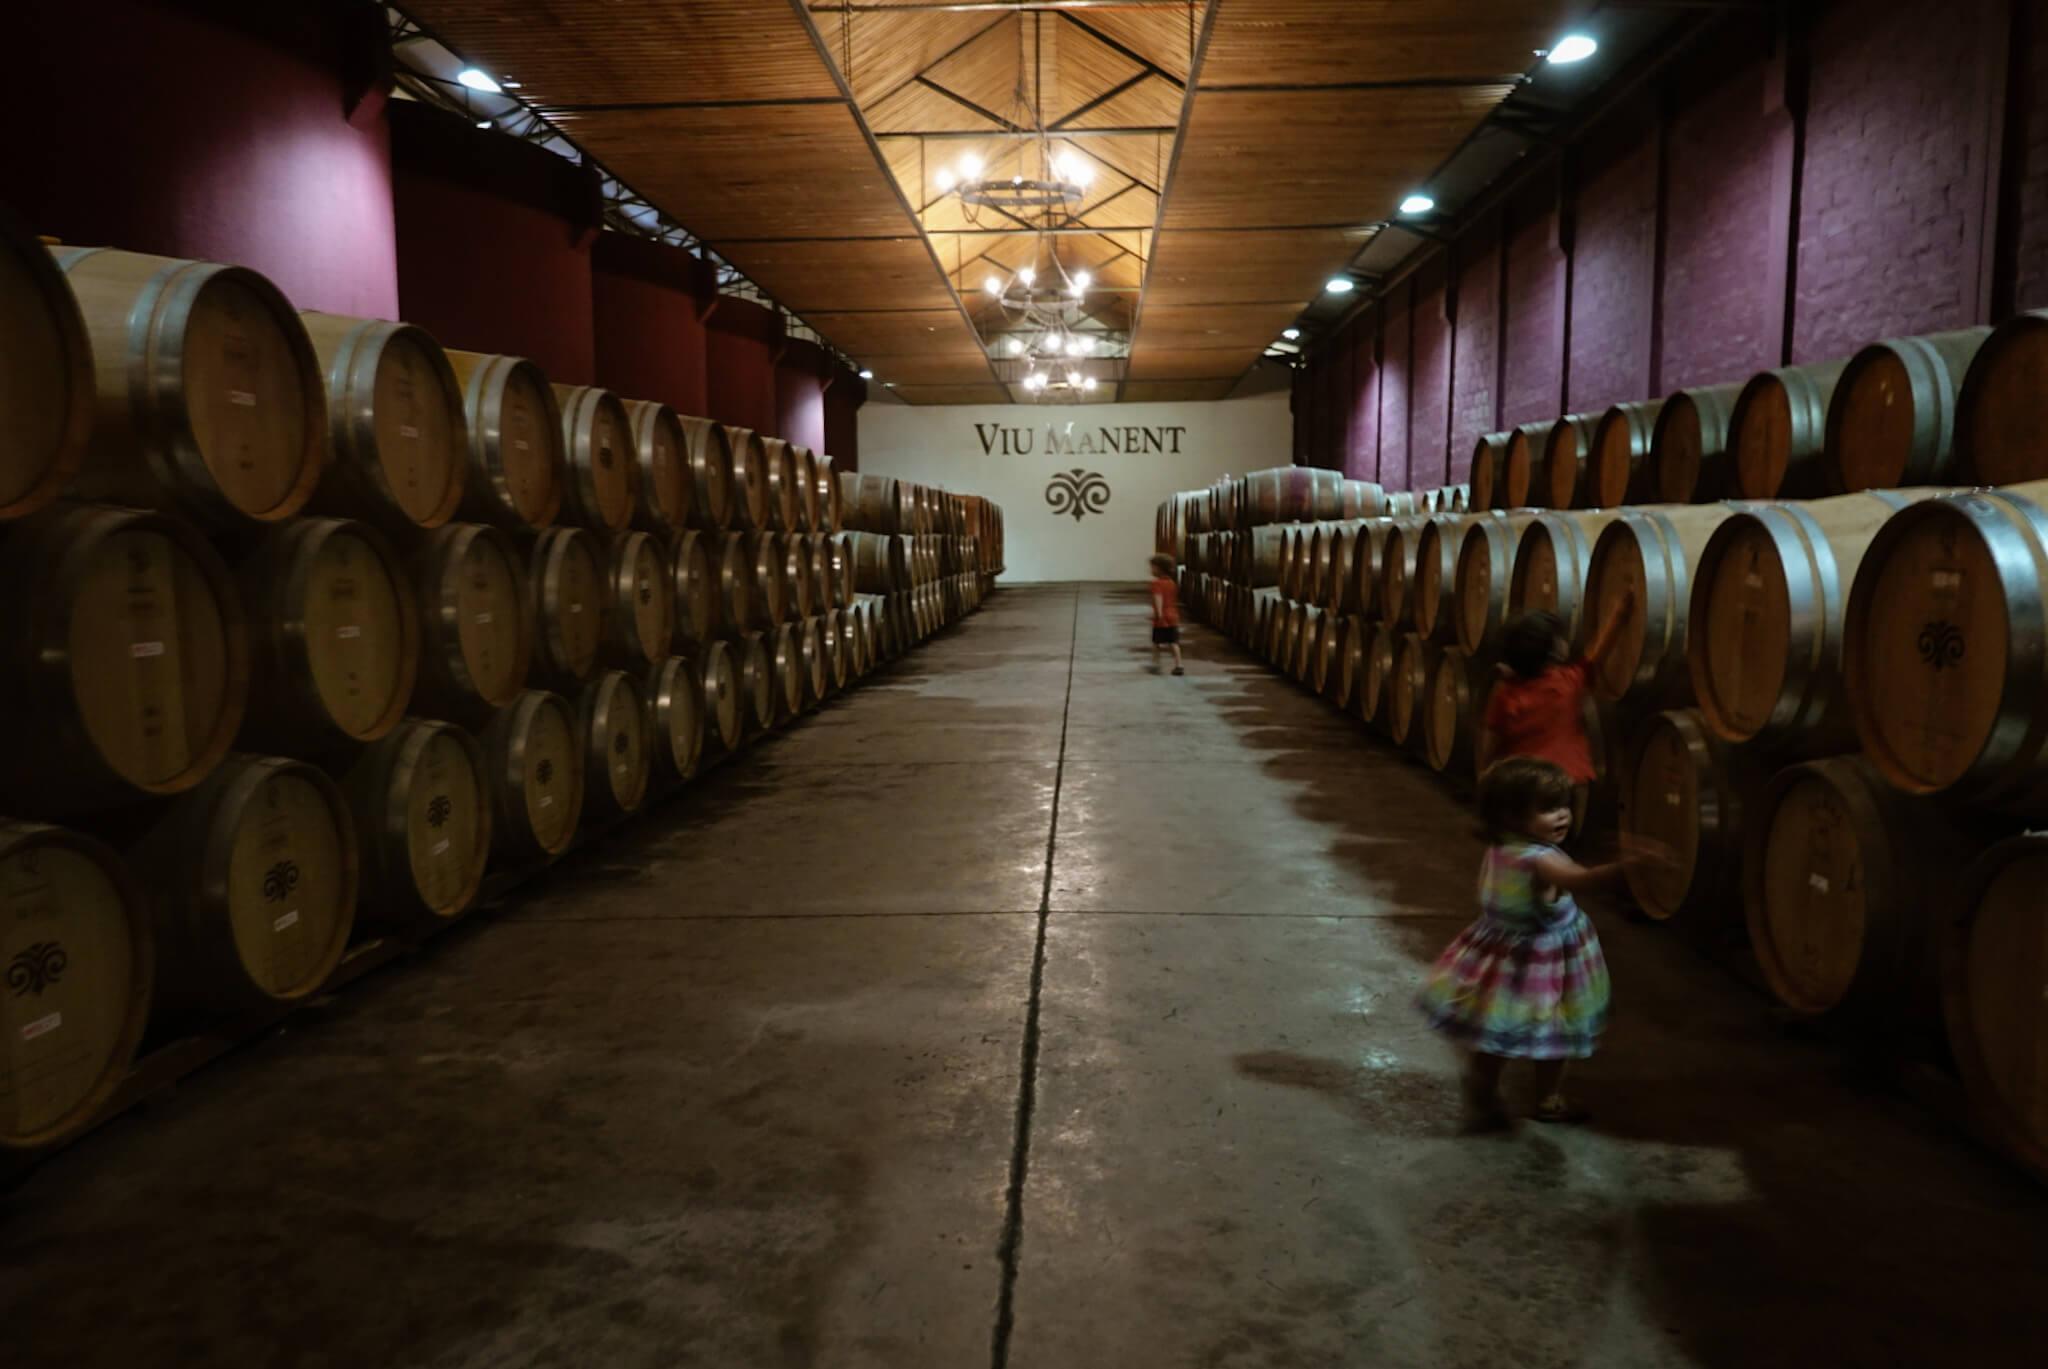 Viu Manent cellars